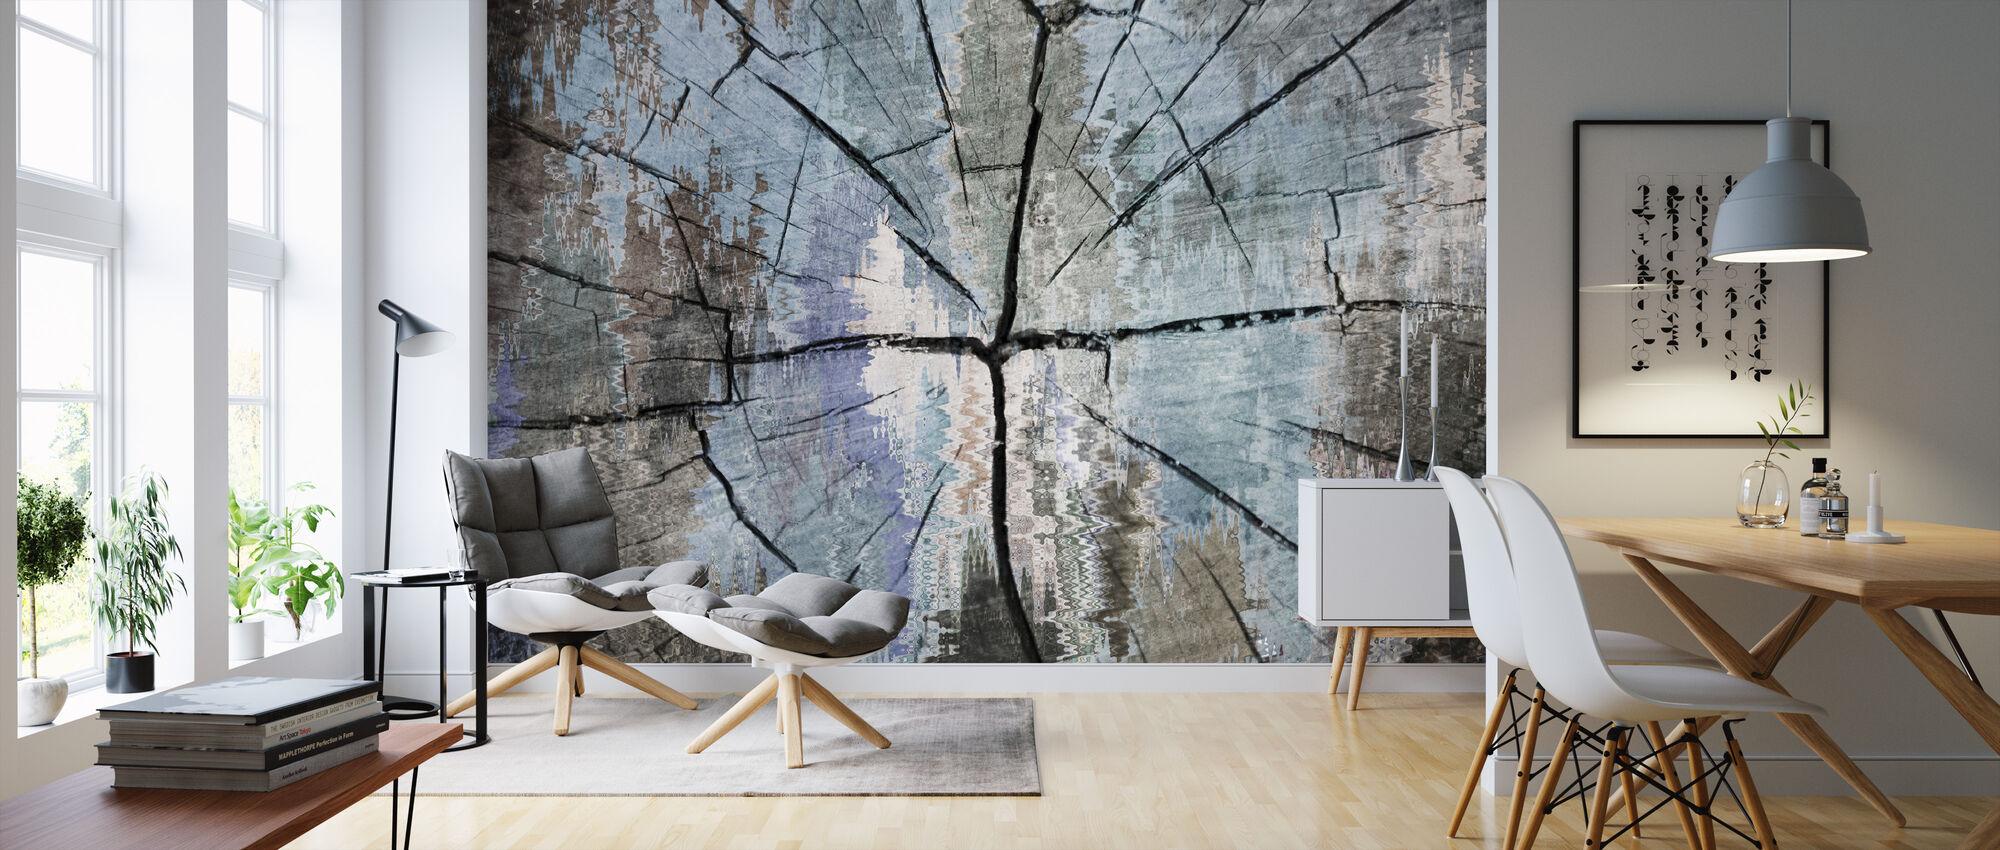 Stump - Wallpaper - Living Room